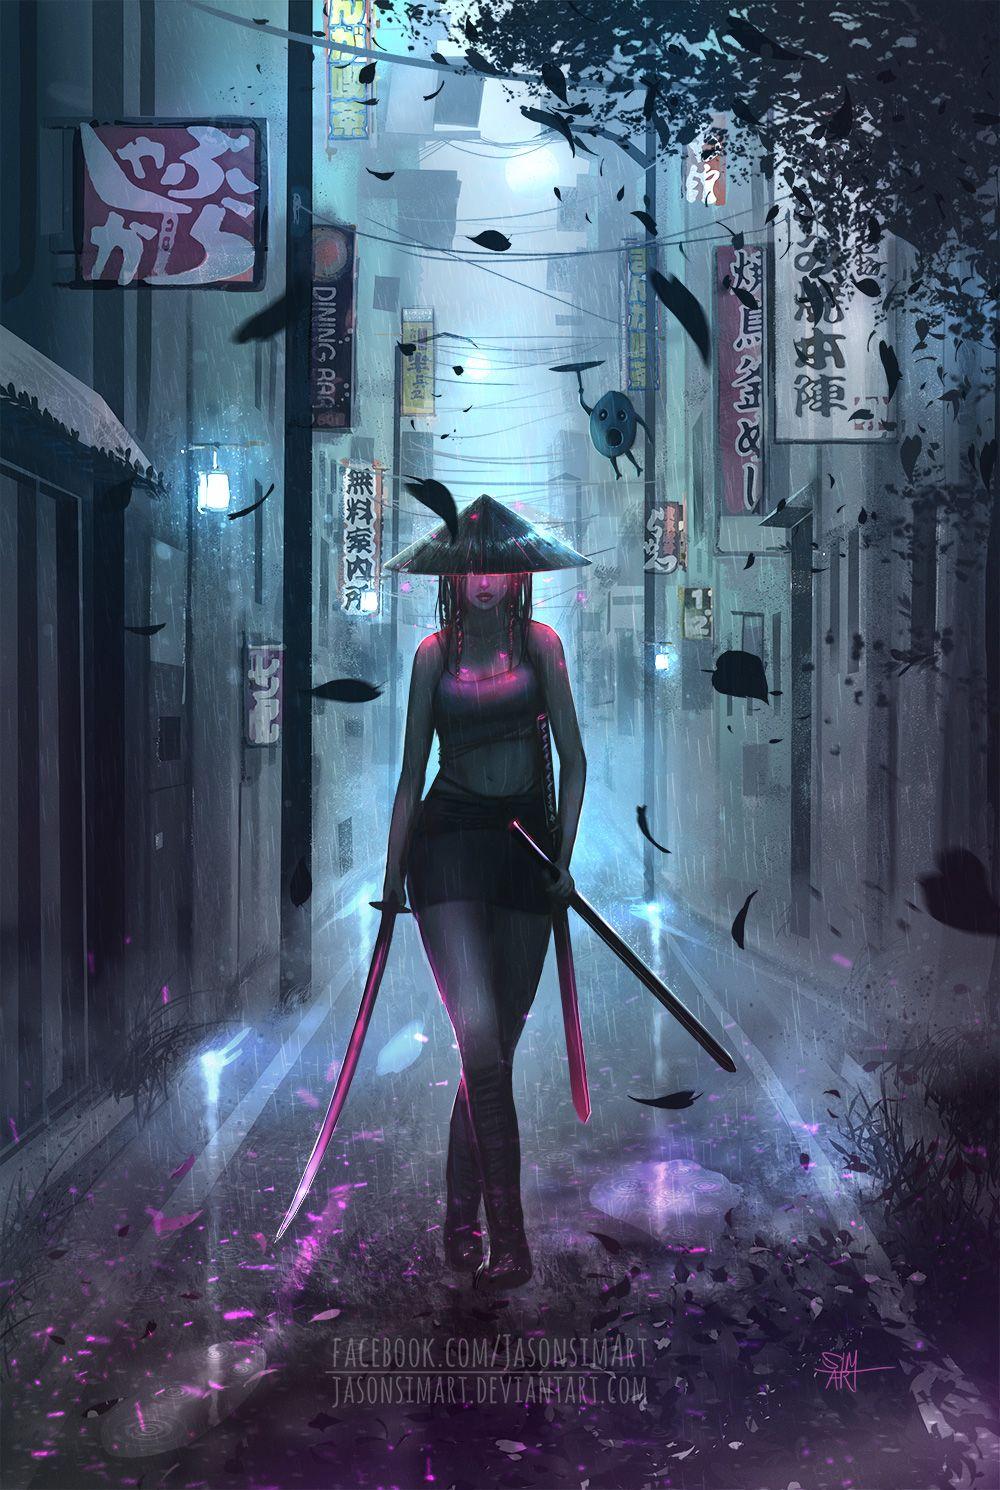 Https Jasonsimart Deviantart Com Art Samurai Girl 730716937 Samurai Anime Samurai Wallpaper Samurai Artwork